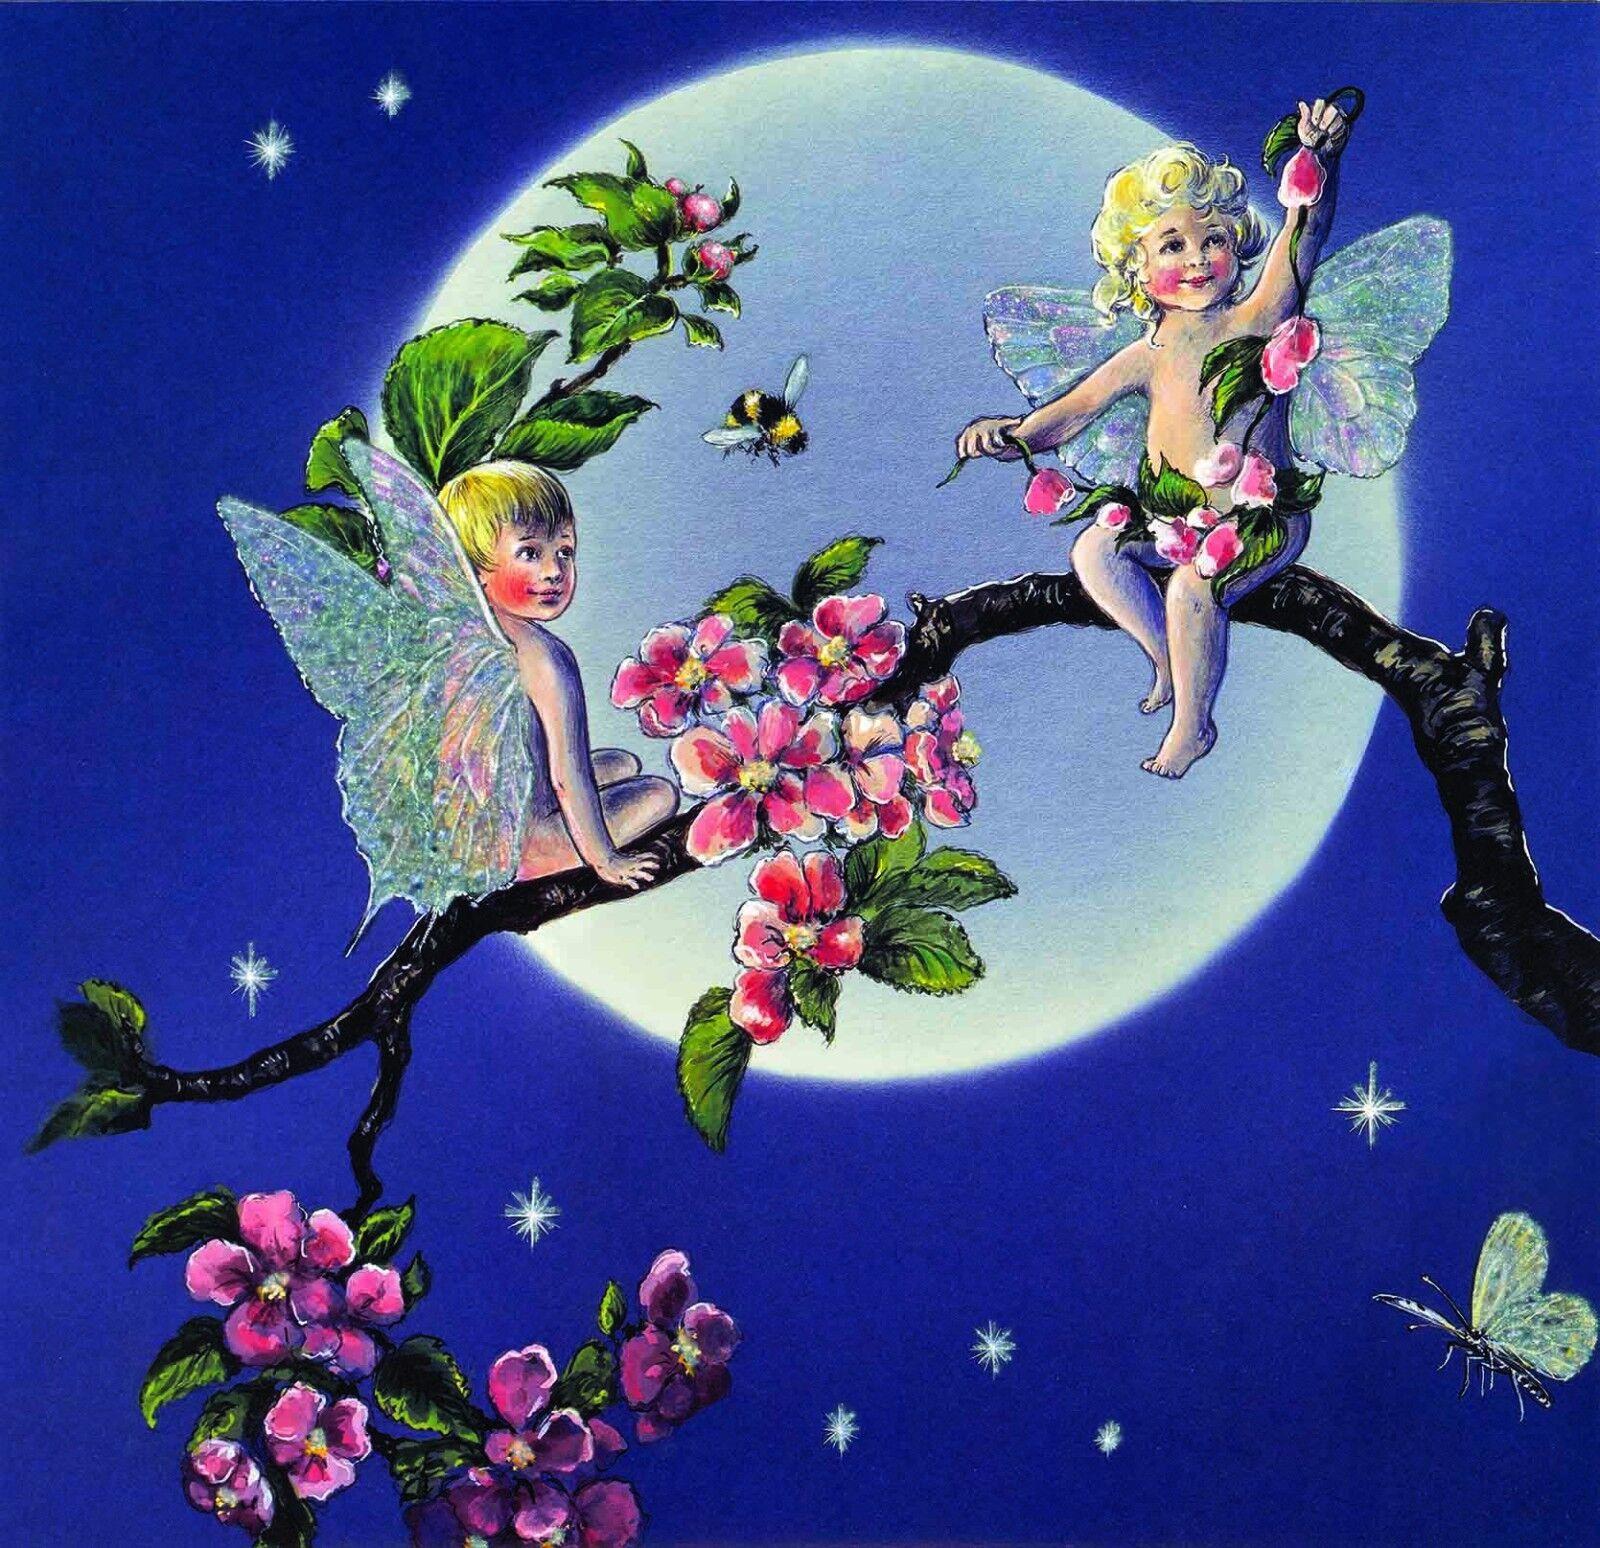 3D Engel Blumen Malerei 66 66 66 Fototapeten Wandbild Fototapete BildTapete DE Kyra f4d1df